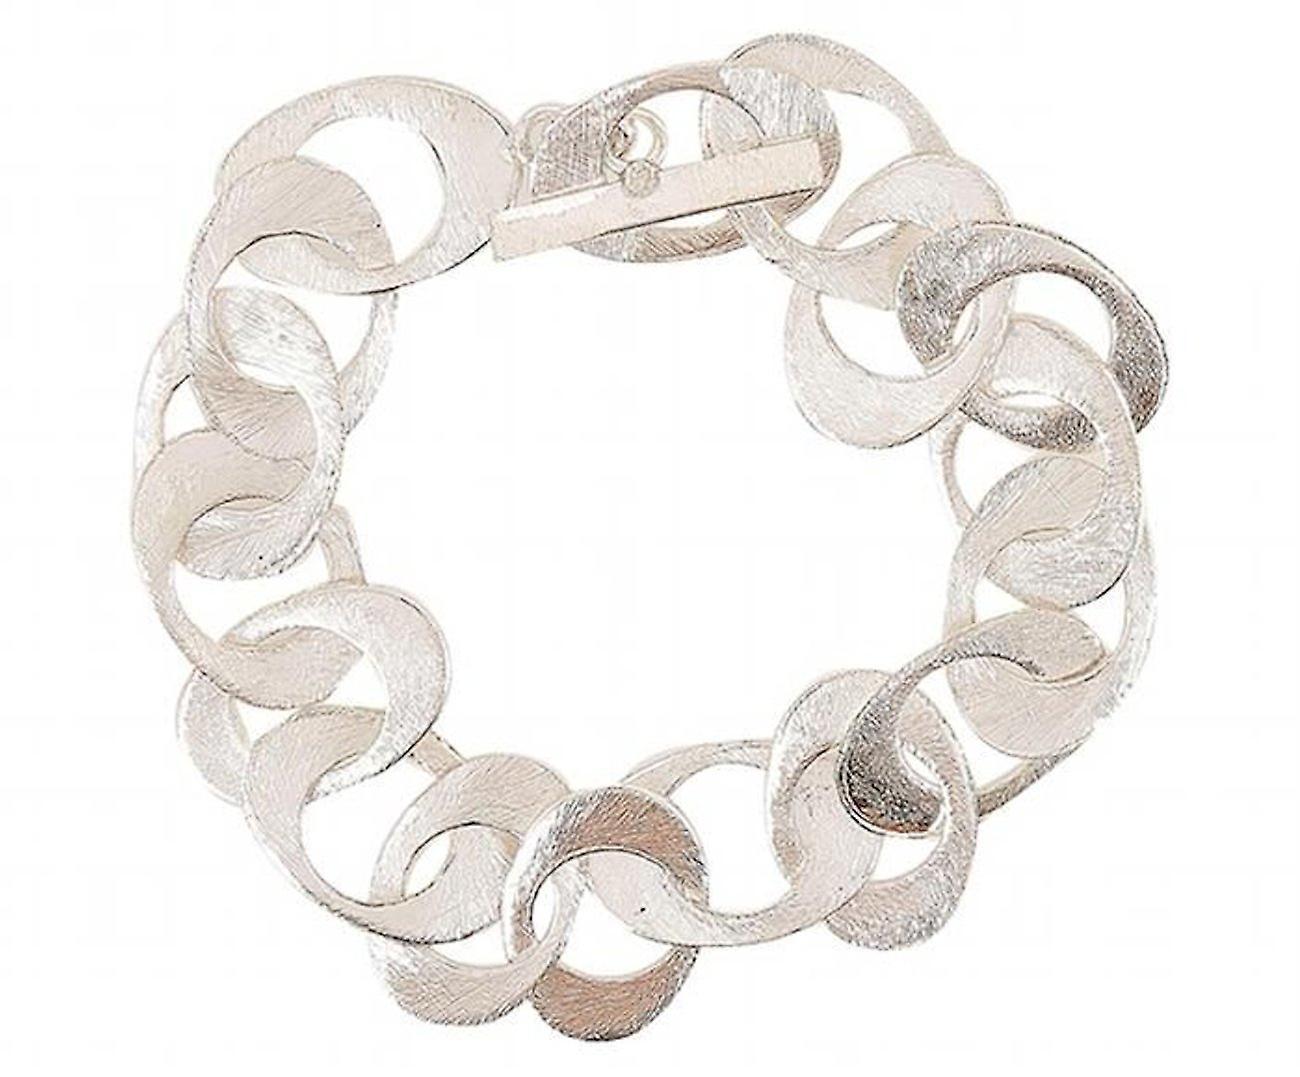 GEMSHINE Armband in hochwertiger Mattverarbeitung in Silber oder rose vergoldet